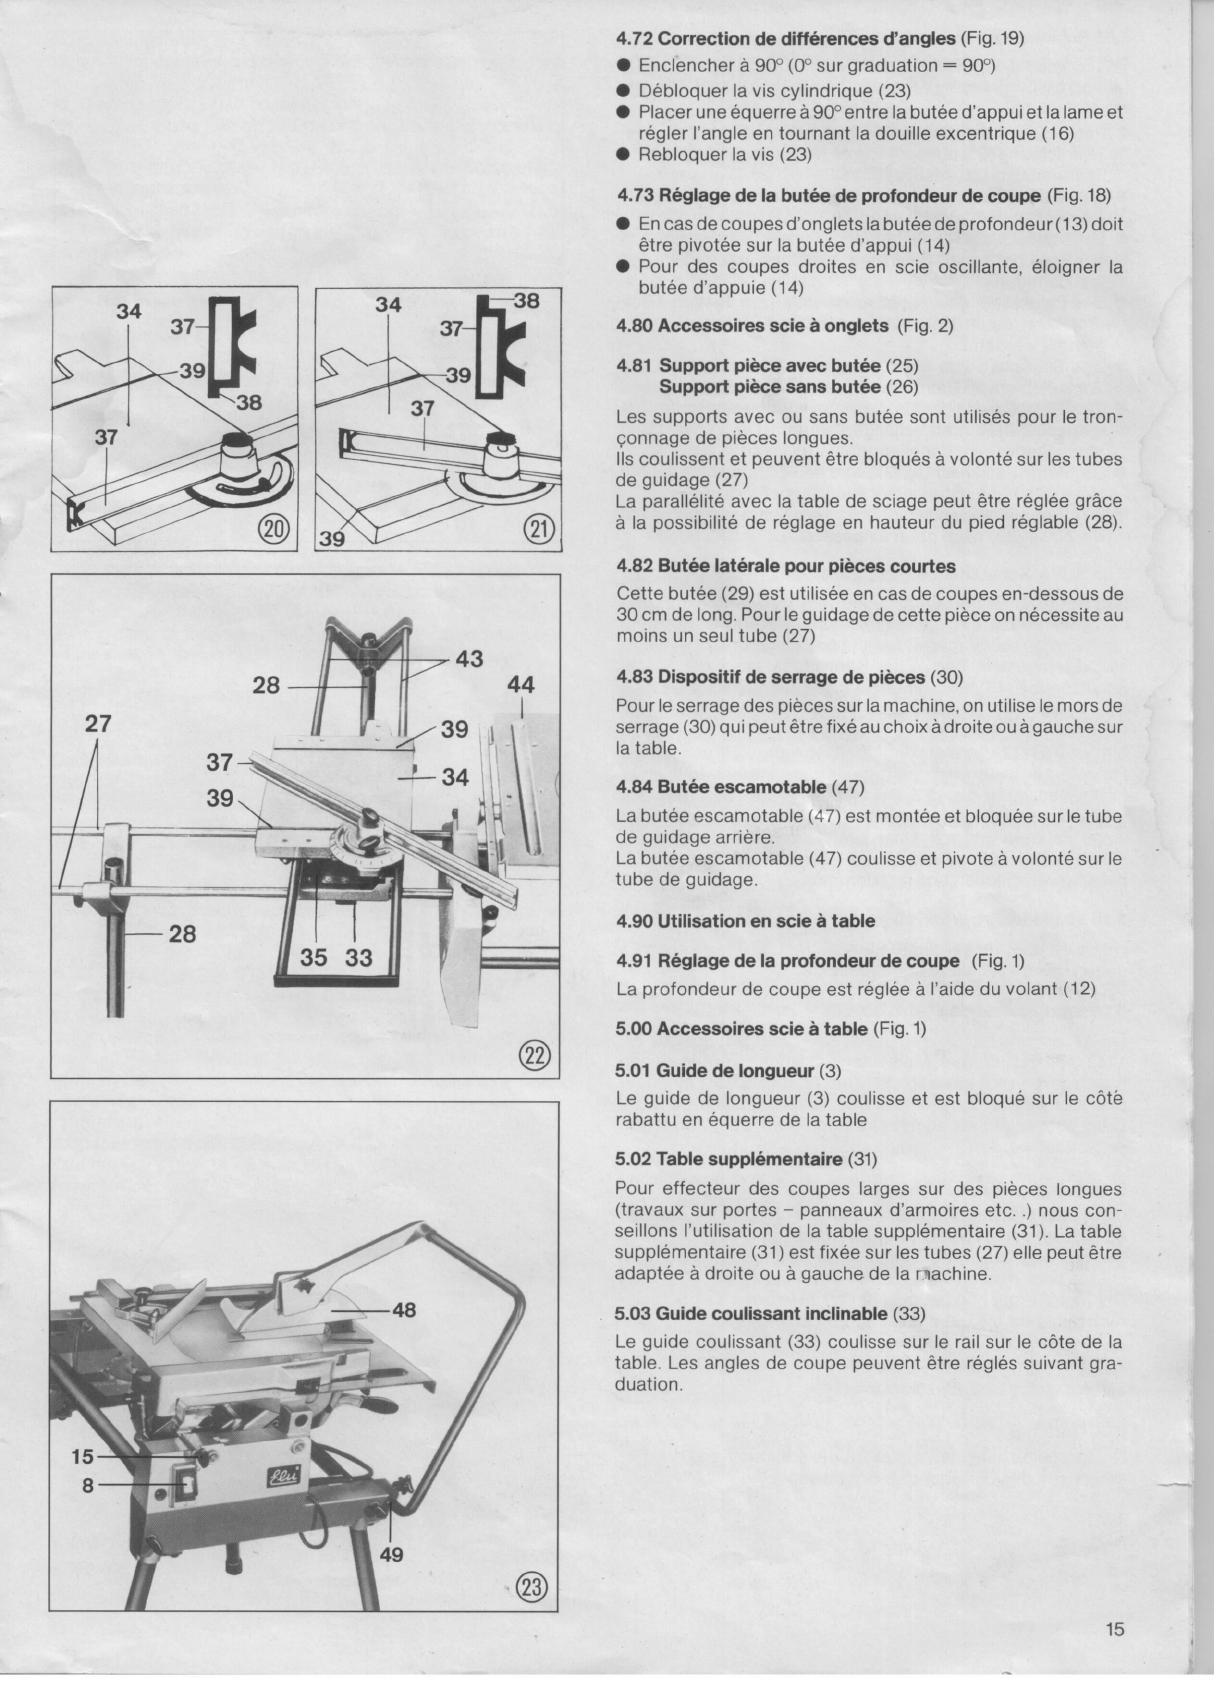 bedienungsanleitung elu tgs 172 seite 15 von 21 deutsch englisch franz sisch. Black Bedroom Furniture Sets. Home Design Ideas